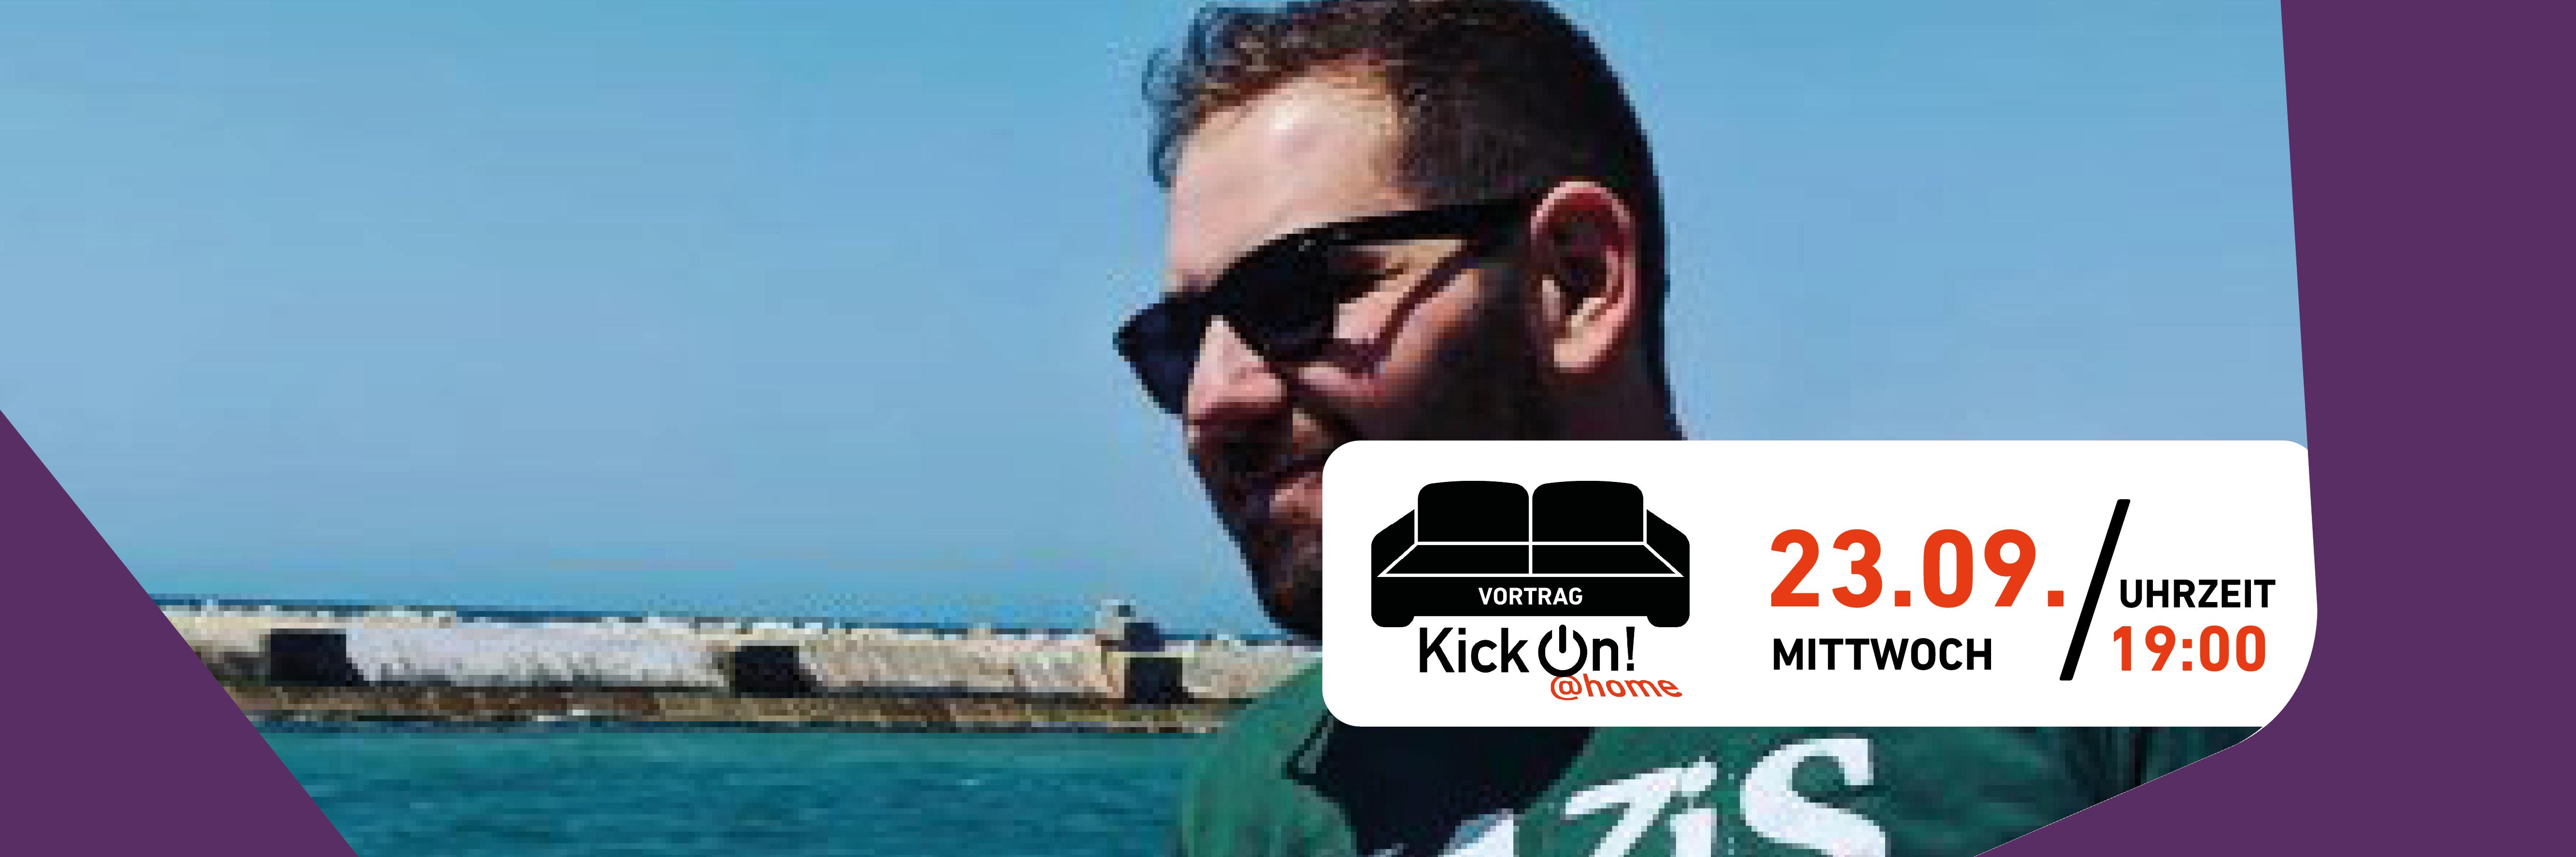 """Im Hintergrund ist Felix Tamsut mit Sonnenbrille zu sehen. Davor ist das KickOn@Home-Logo, bestehnd aus einem Sofa abgebildet. Außerdem sind die Informationen """"Vortrag"""" und """"23.09. Mittwoch 19:00 Uhrzeit"""" zu lesen."""